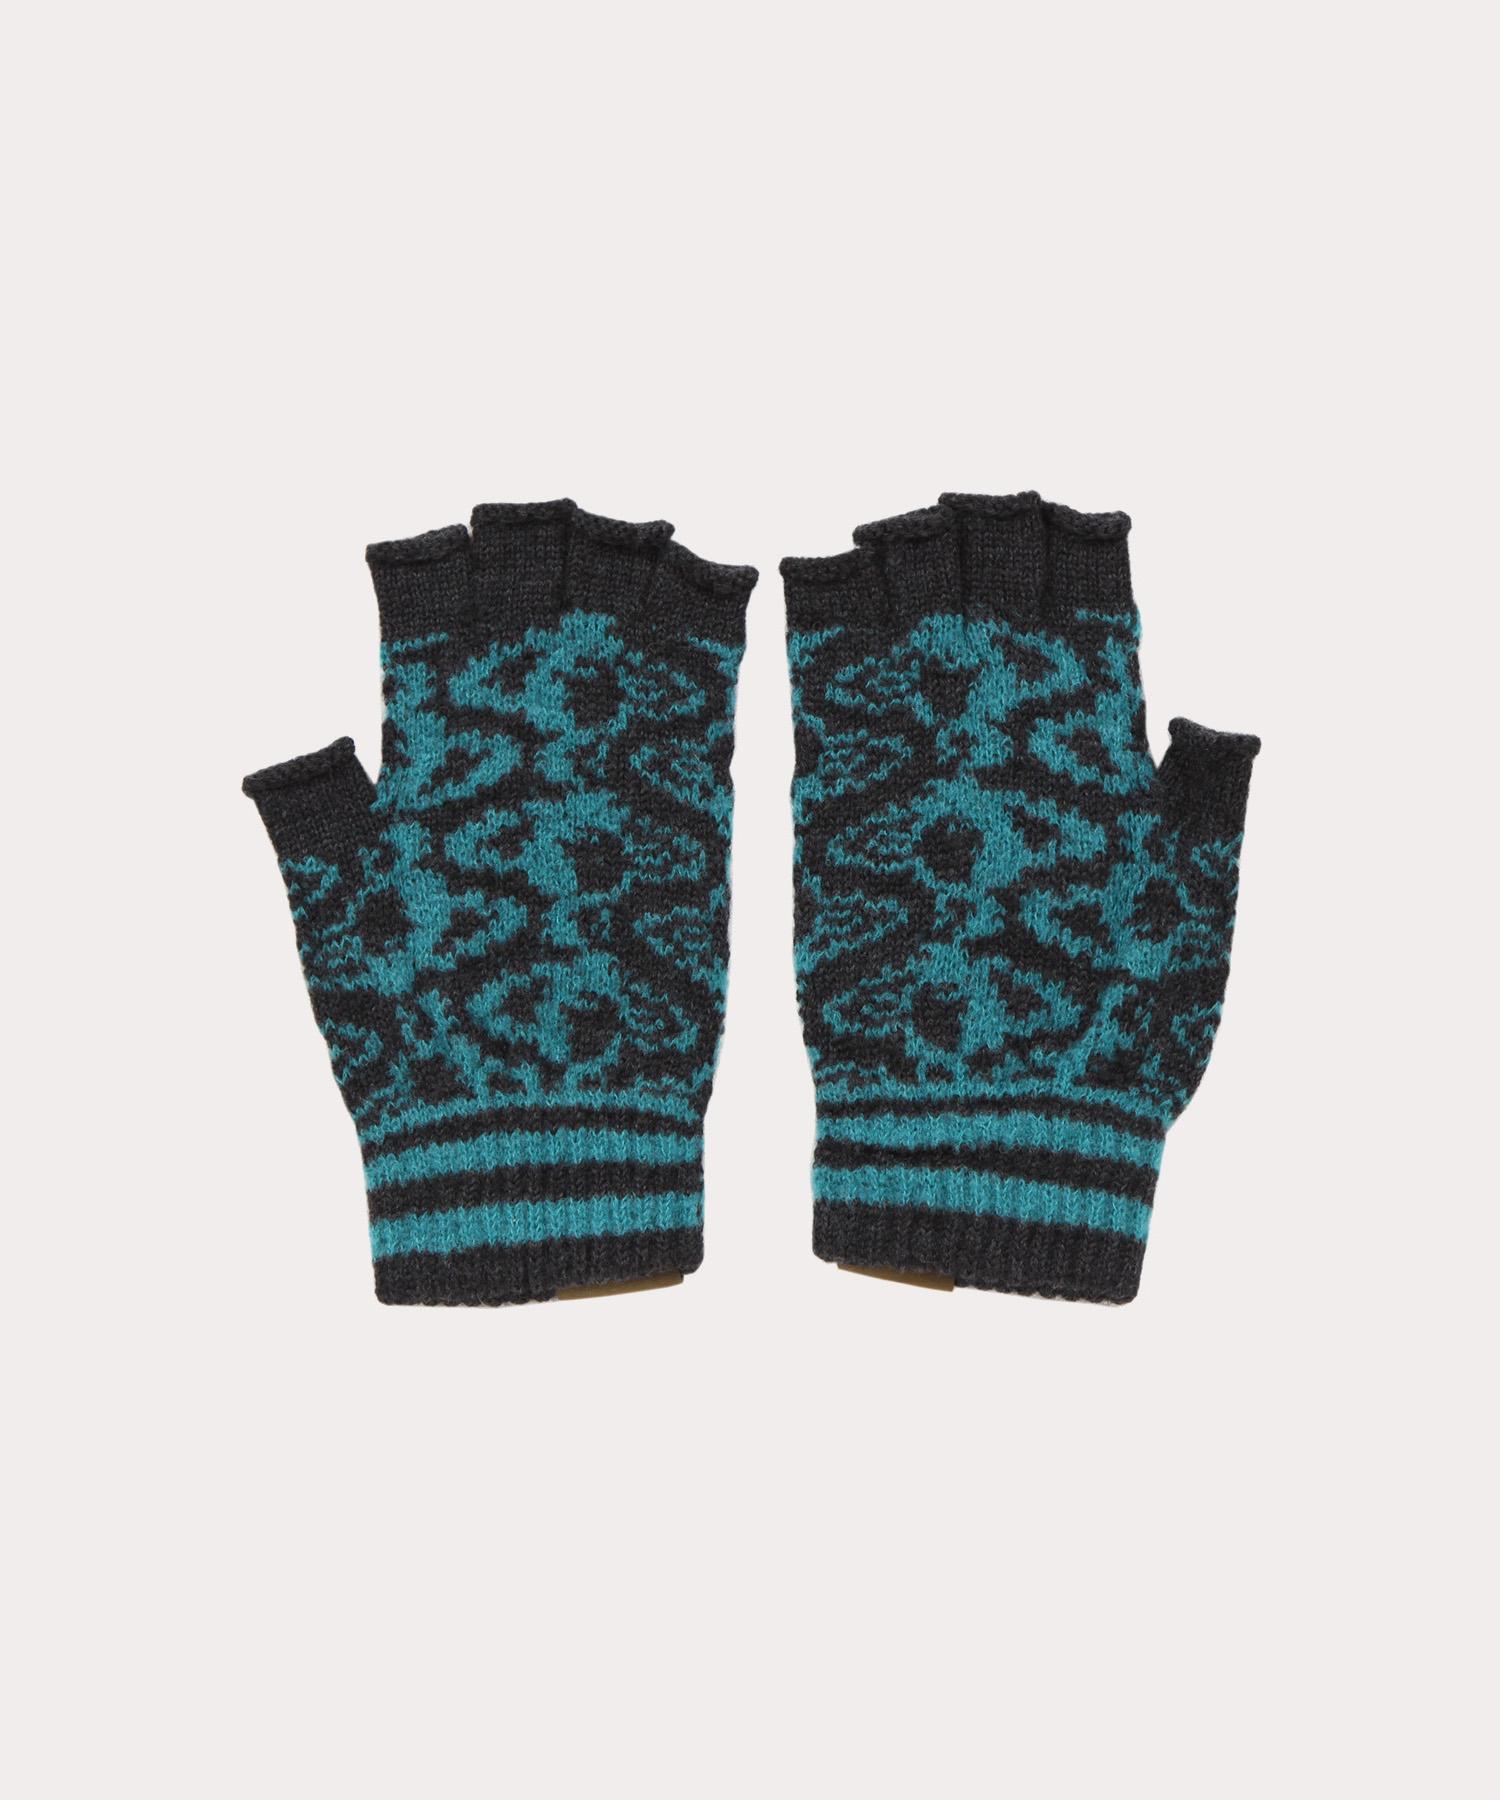 クレヨンORB ニット手袋